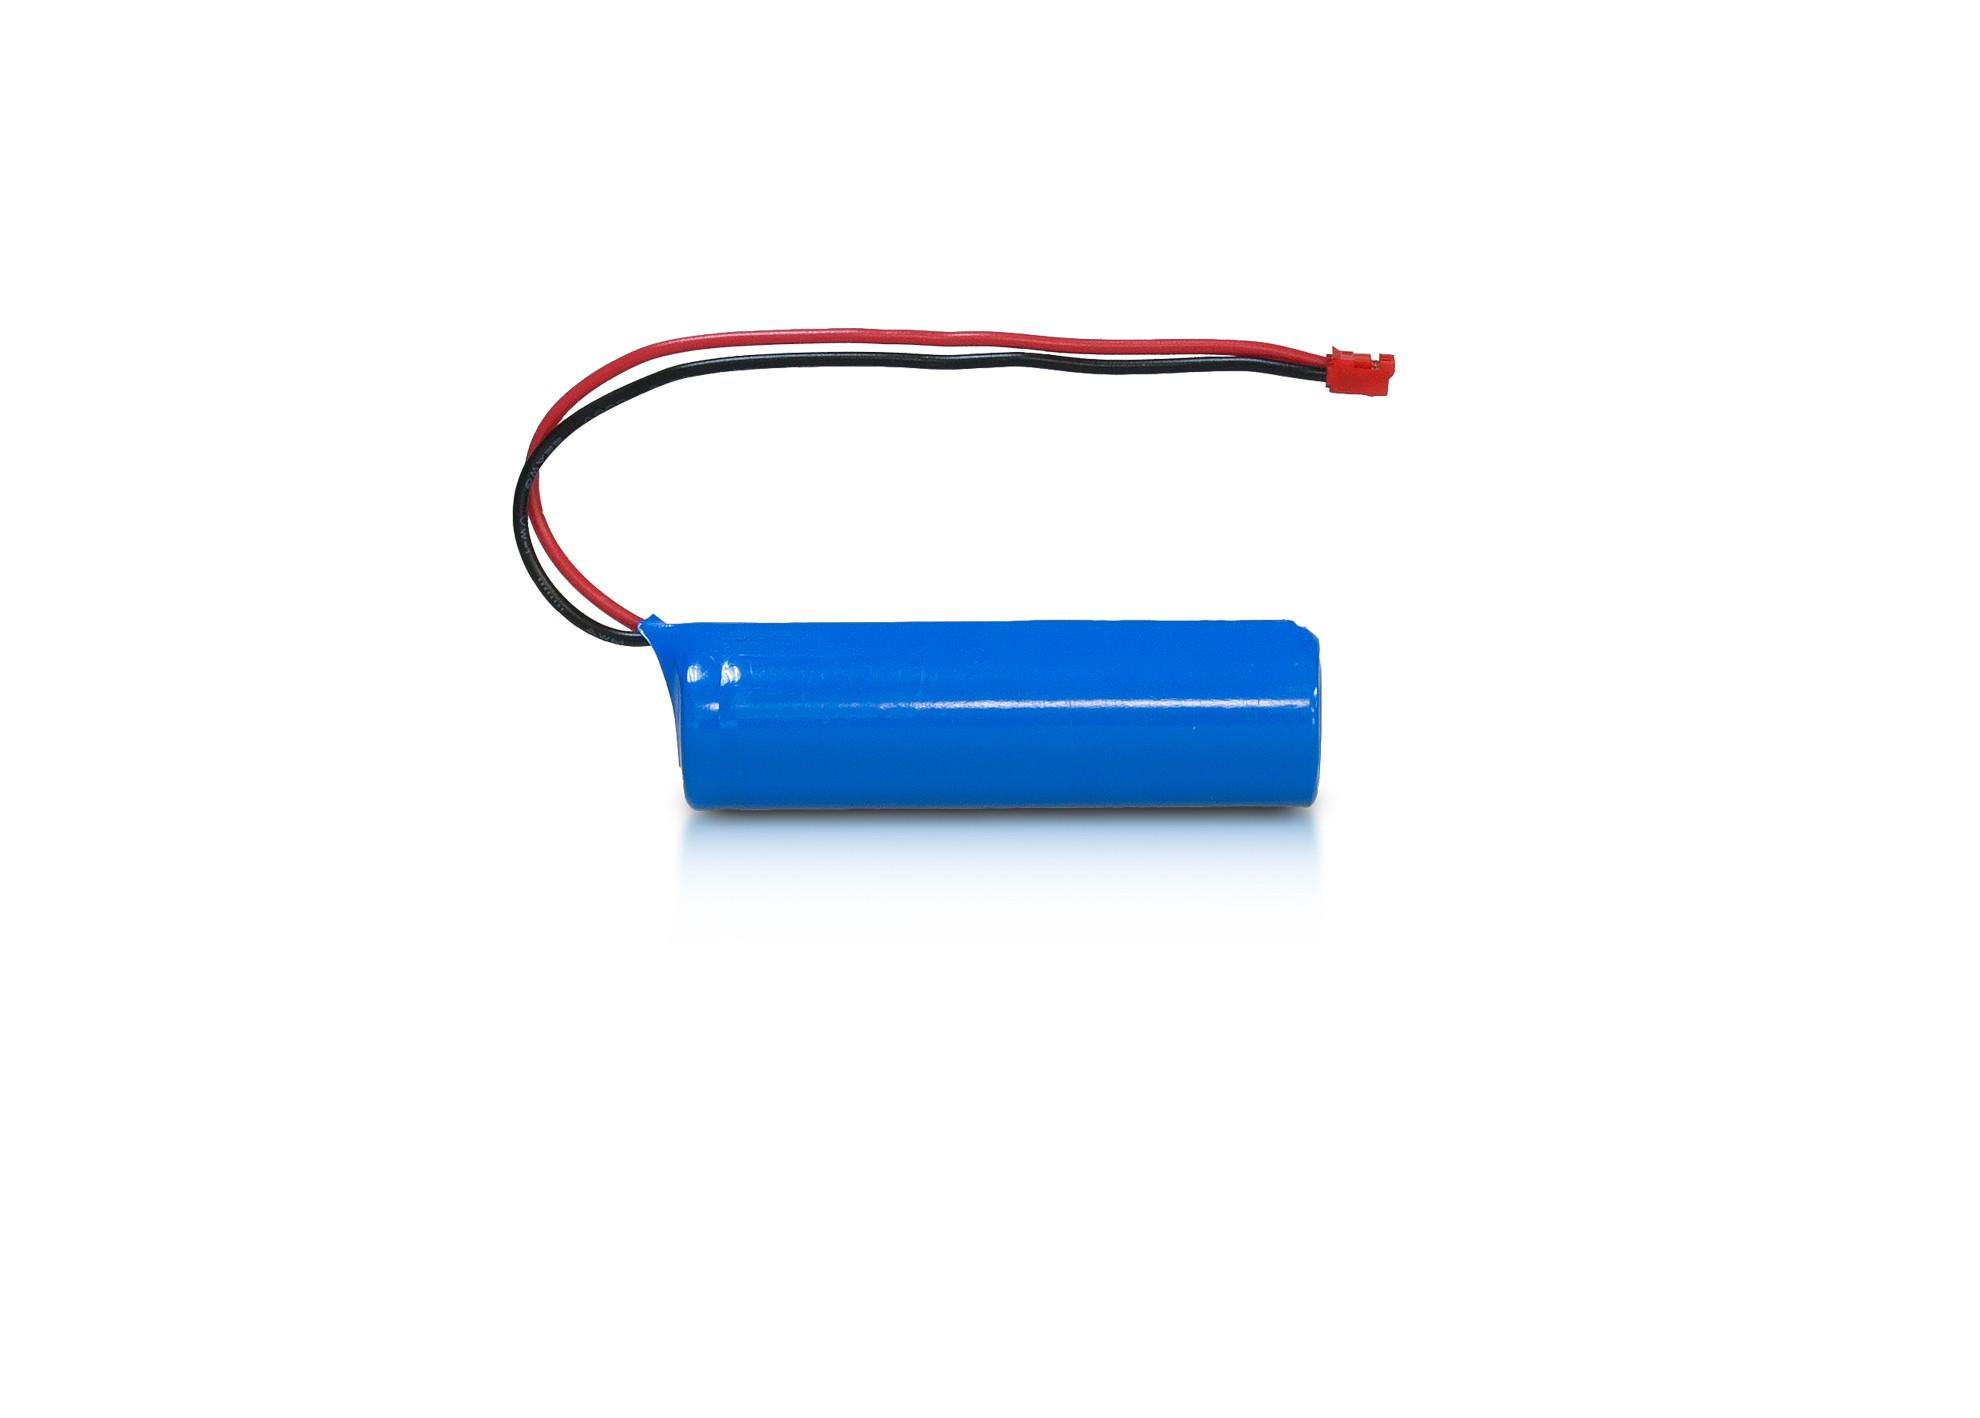 Batéria L18-1200mAh pre AB LED GV18W